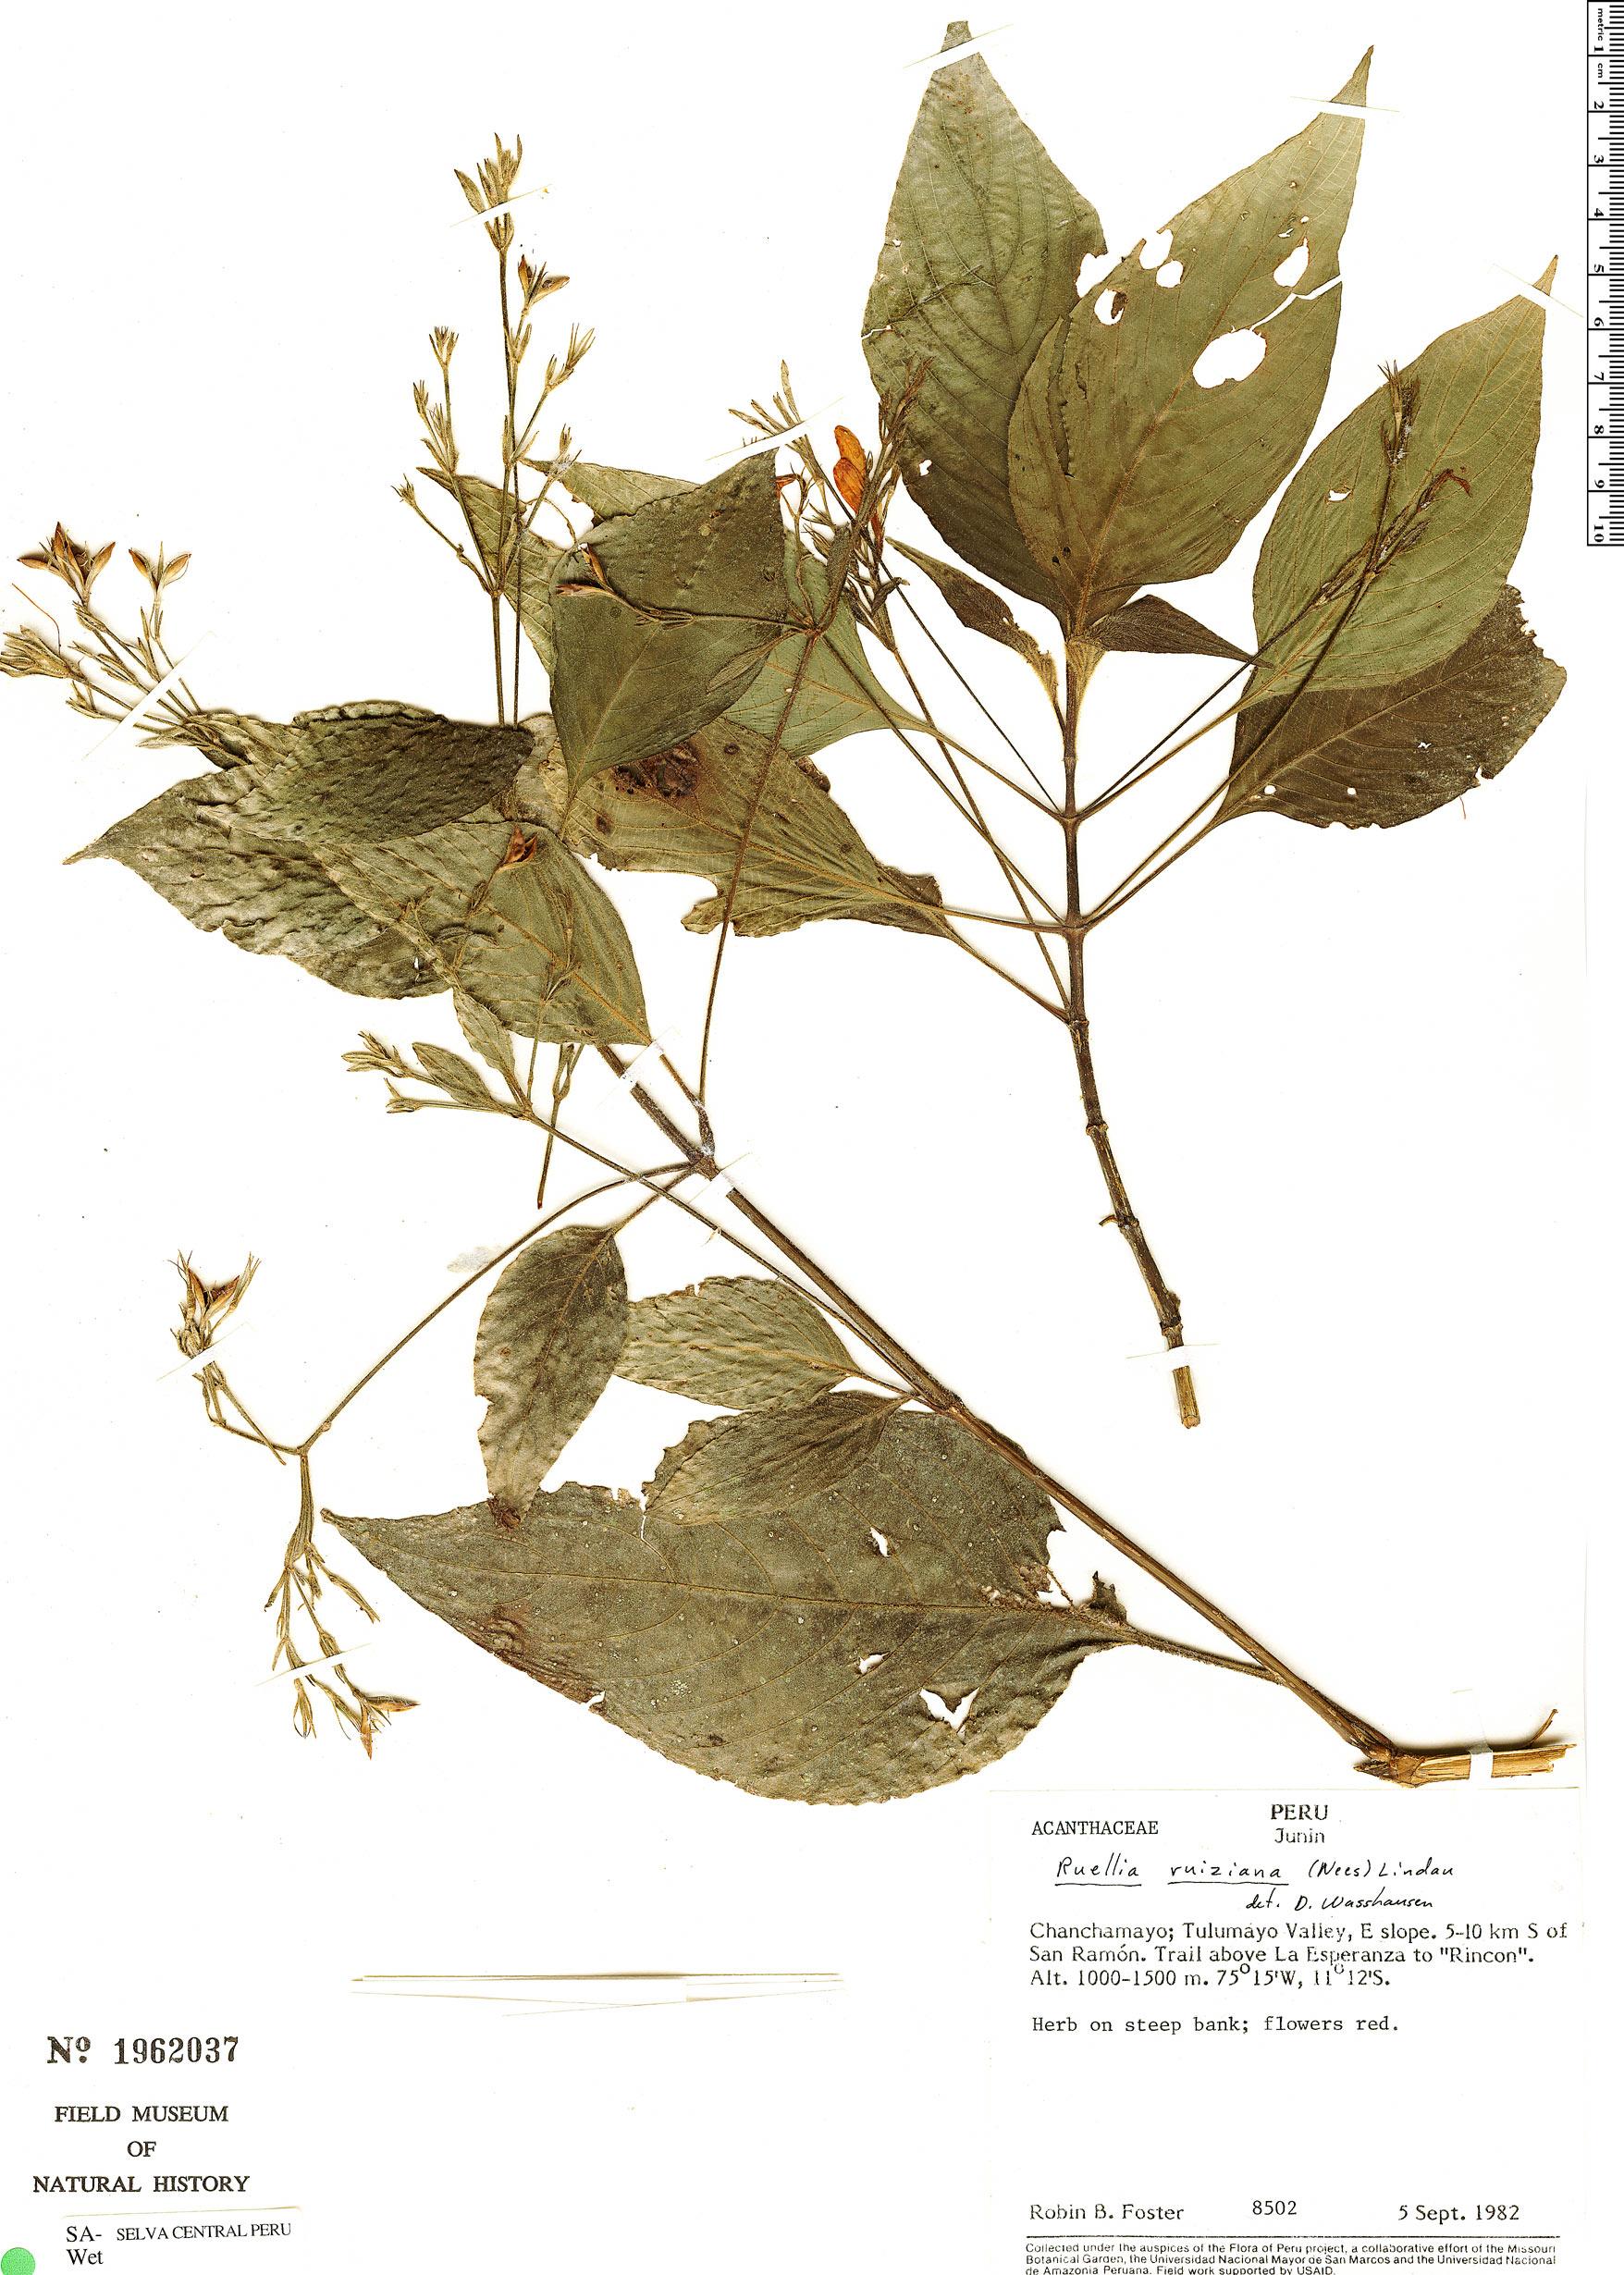 Specimen: Ruellia ruiziana